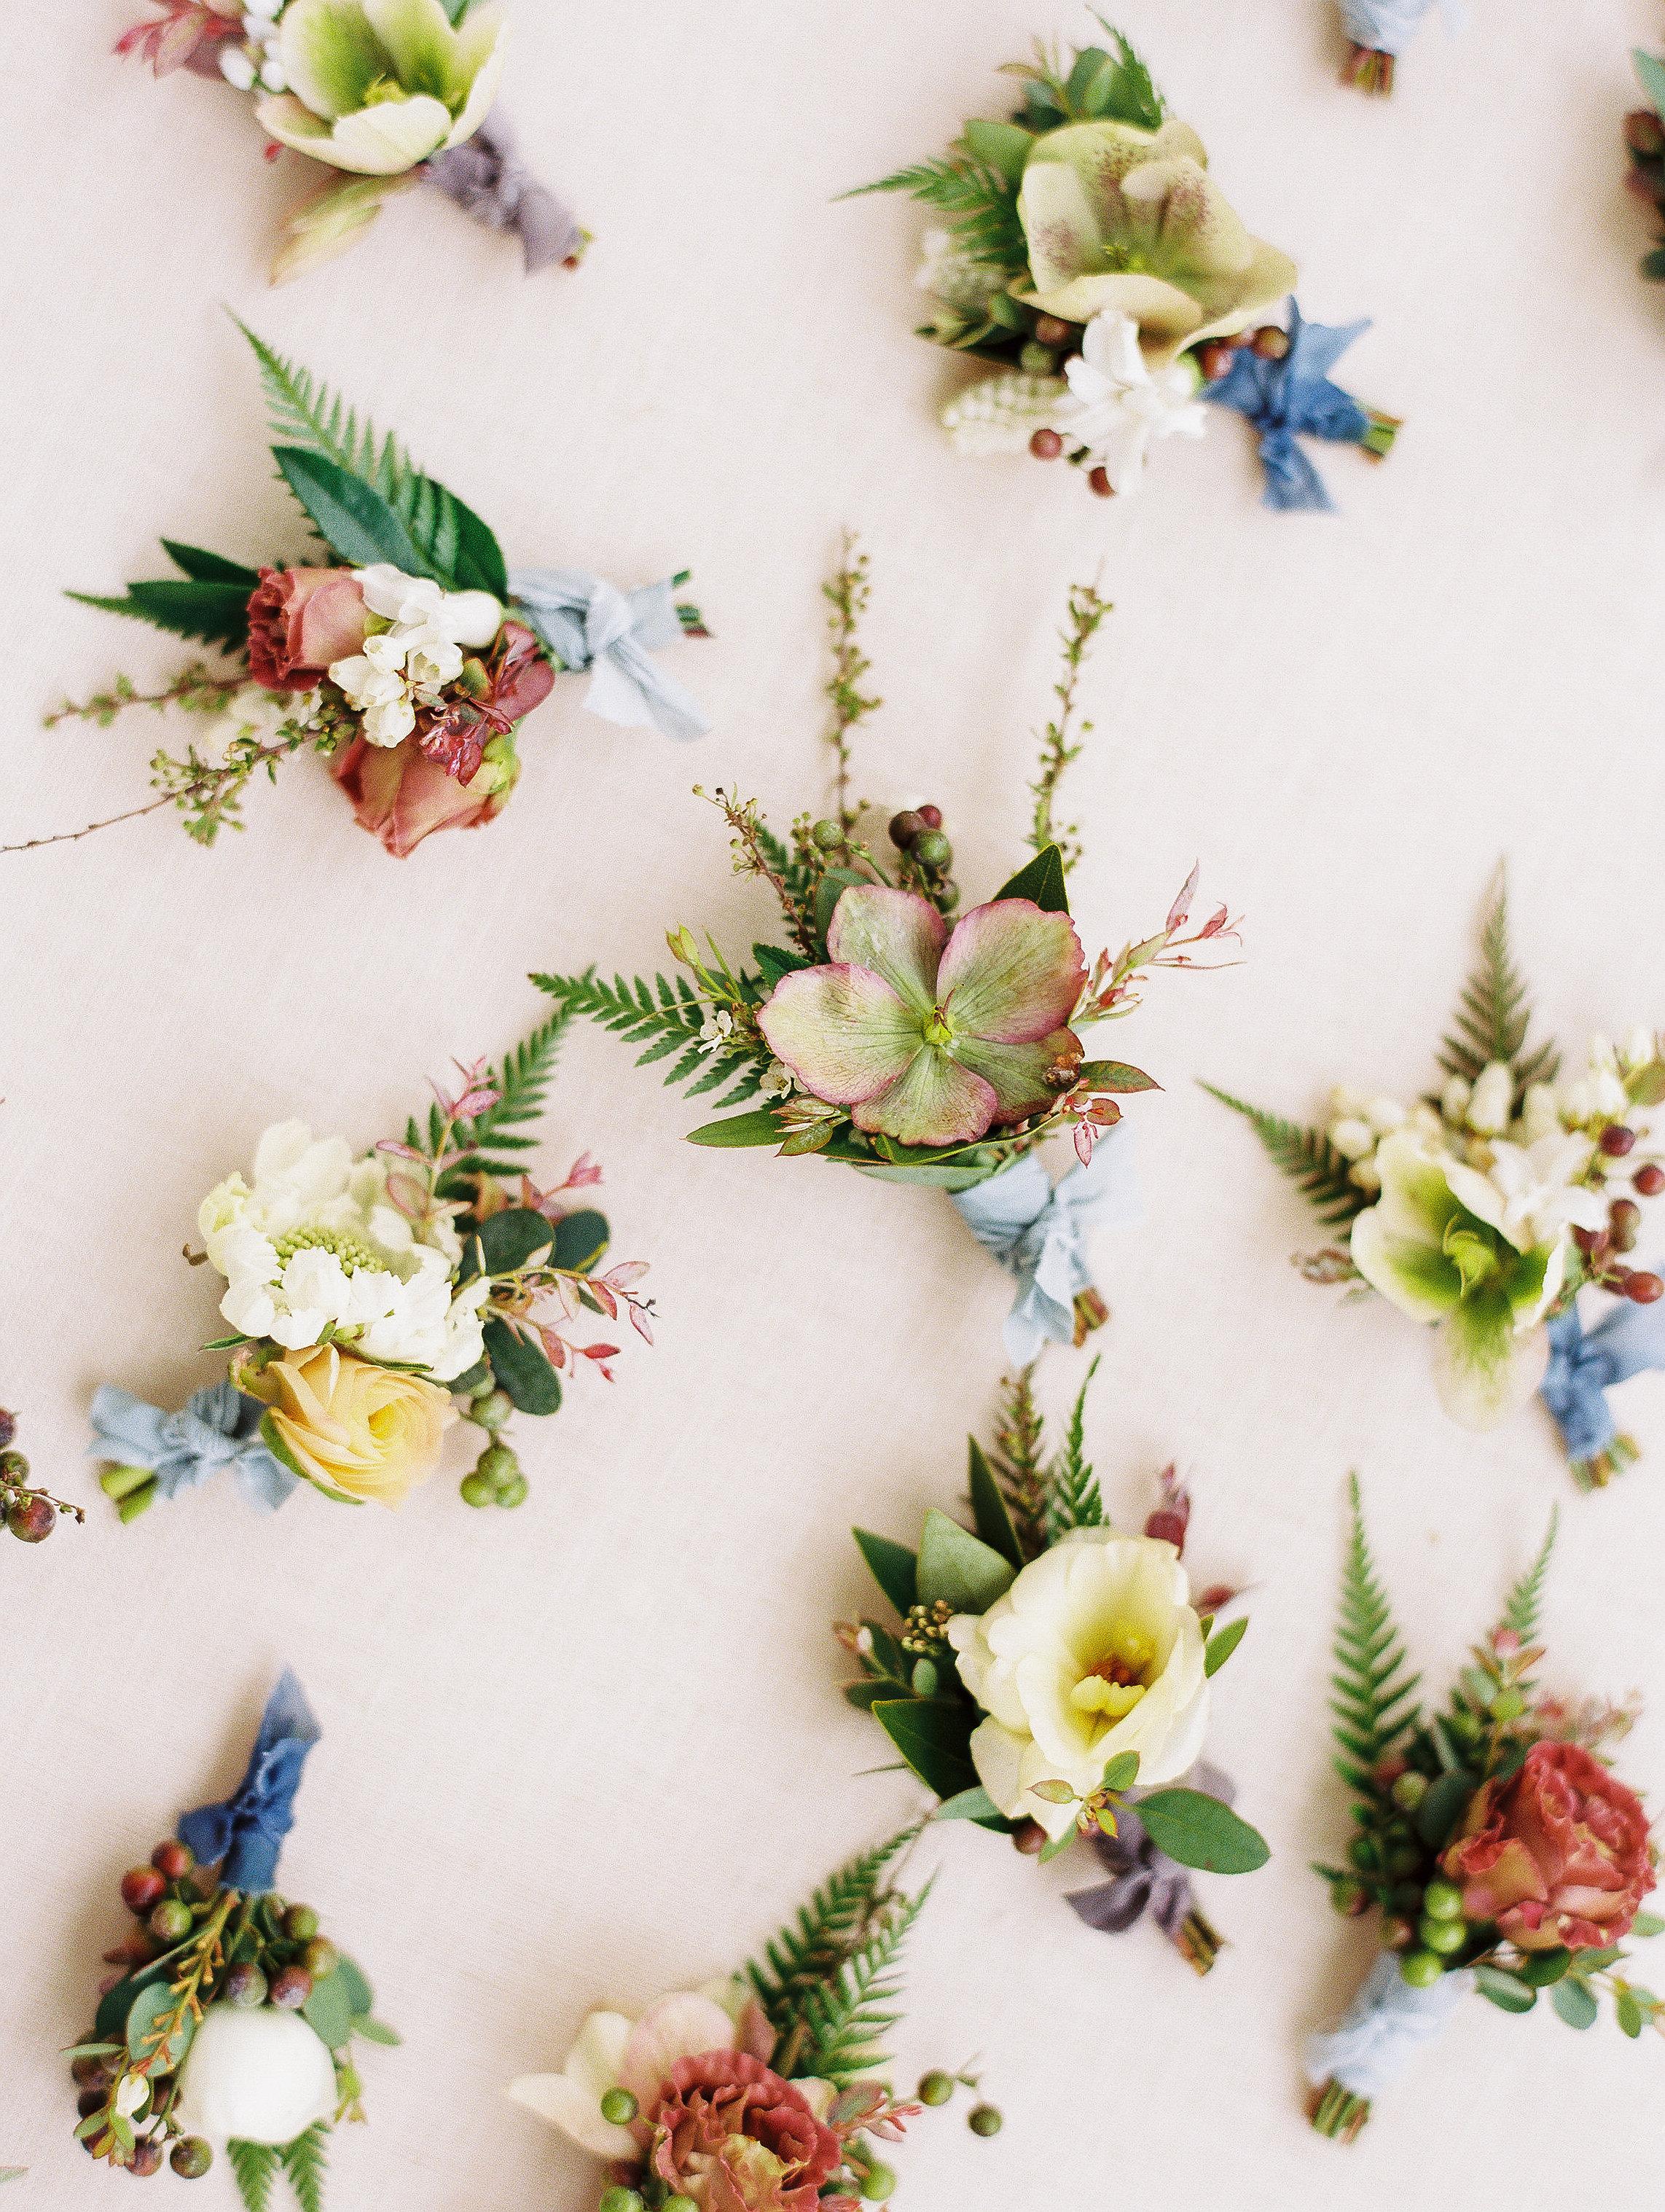 jessica-zimmerman-wedding-planner-boutonnieres.jpg